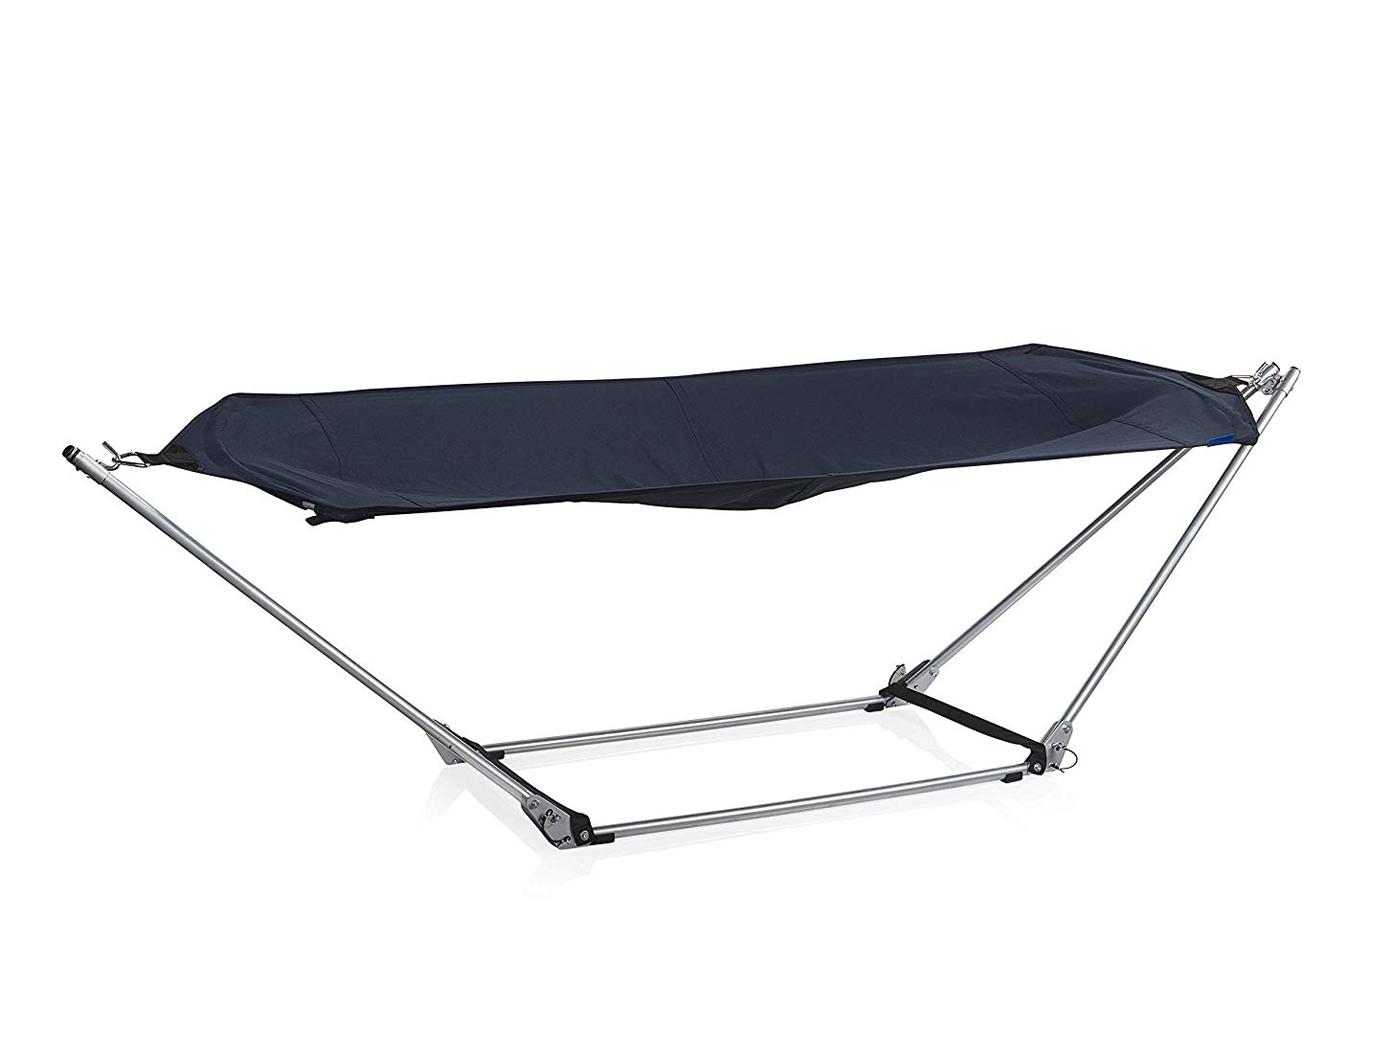 graue h ngematte mit st nder belastbar bis 150kg liegefl che 180 x 87 cm ebay. Black Bedroom Furniture Sets. Home Design Ideas